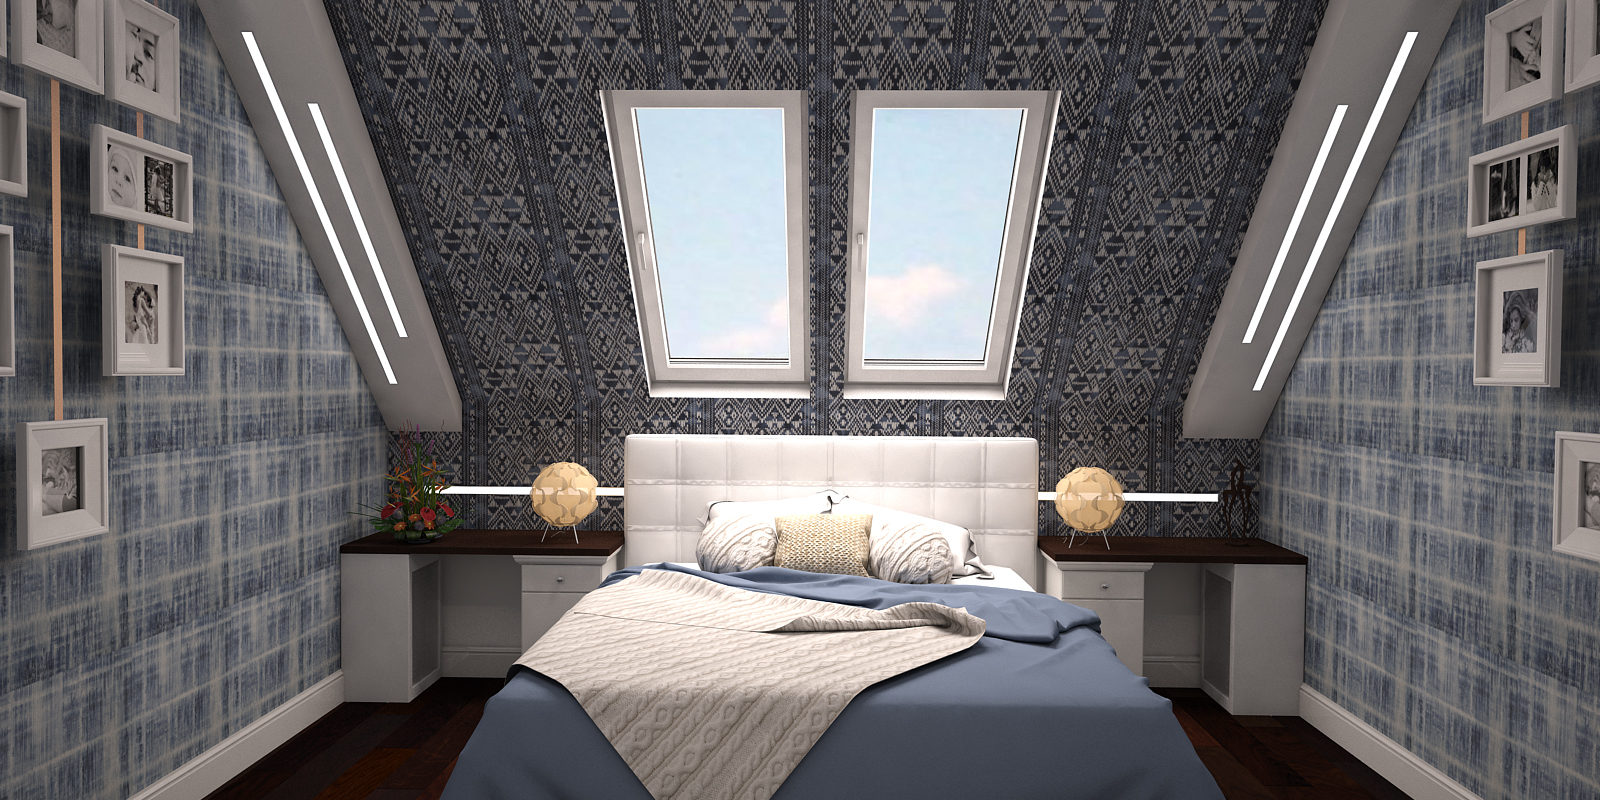 Дизайн проект двухуровневой квартиры. Спальня.